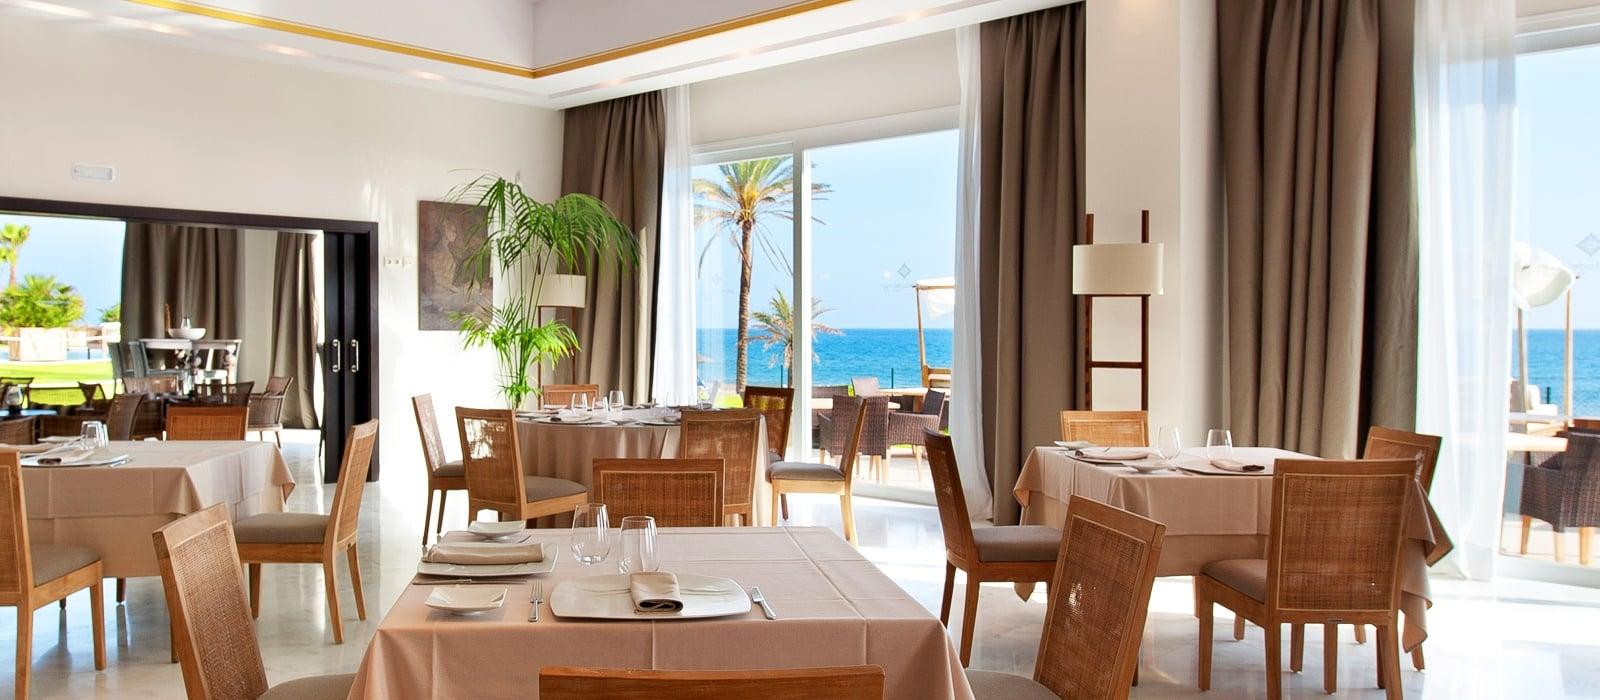 Ristorante Hotel Vincci Estrella de Mar - Ristorante Beach Club Giorno